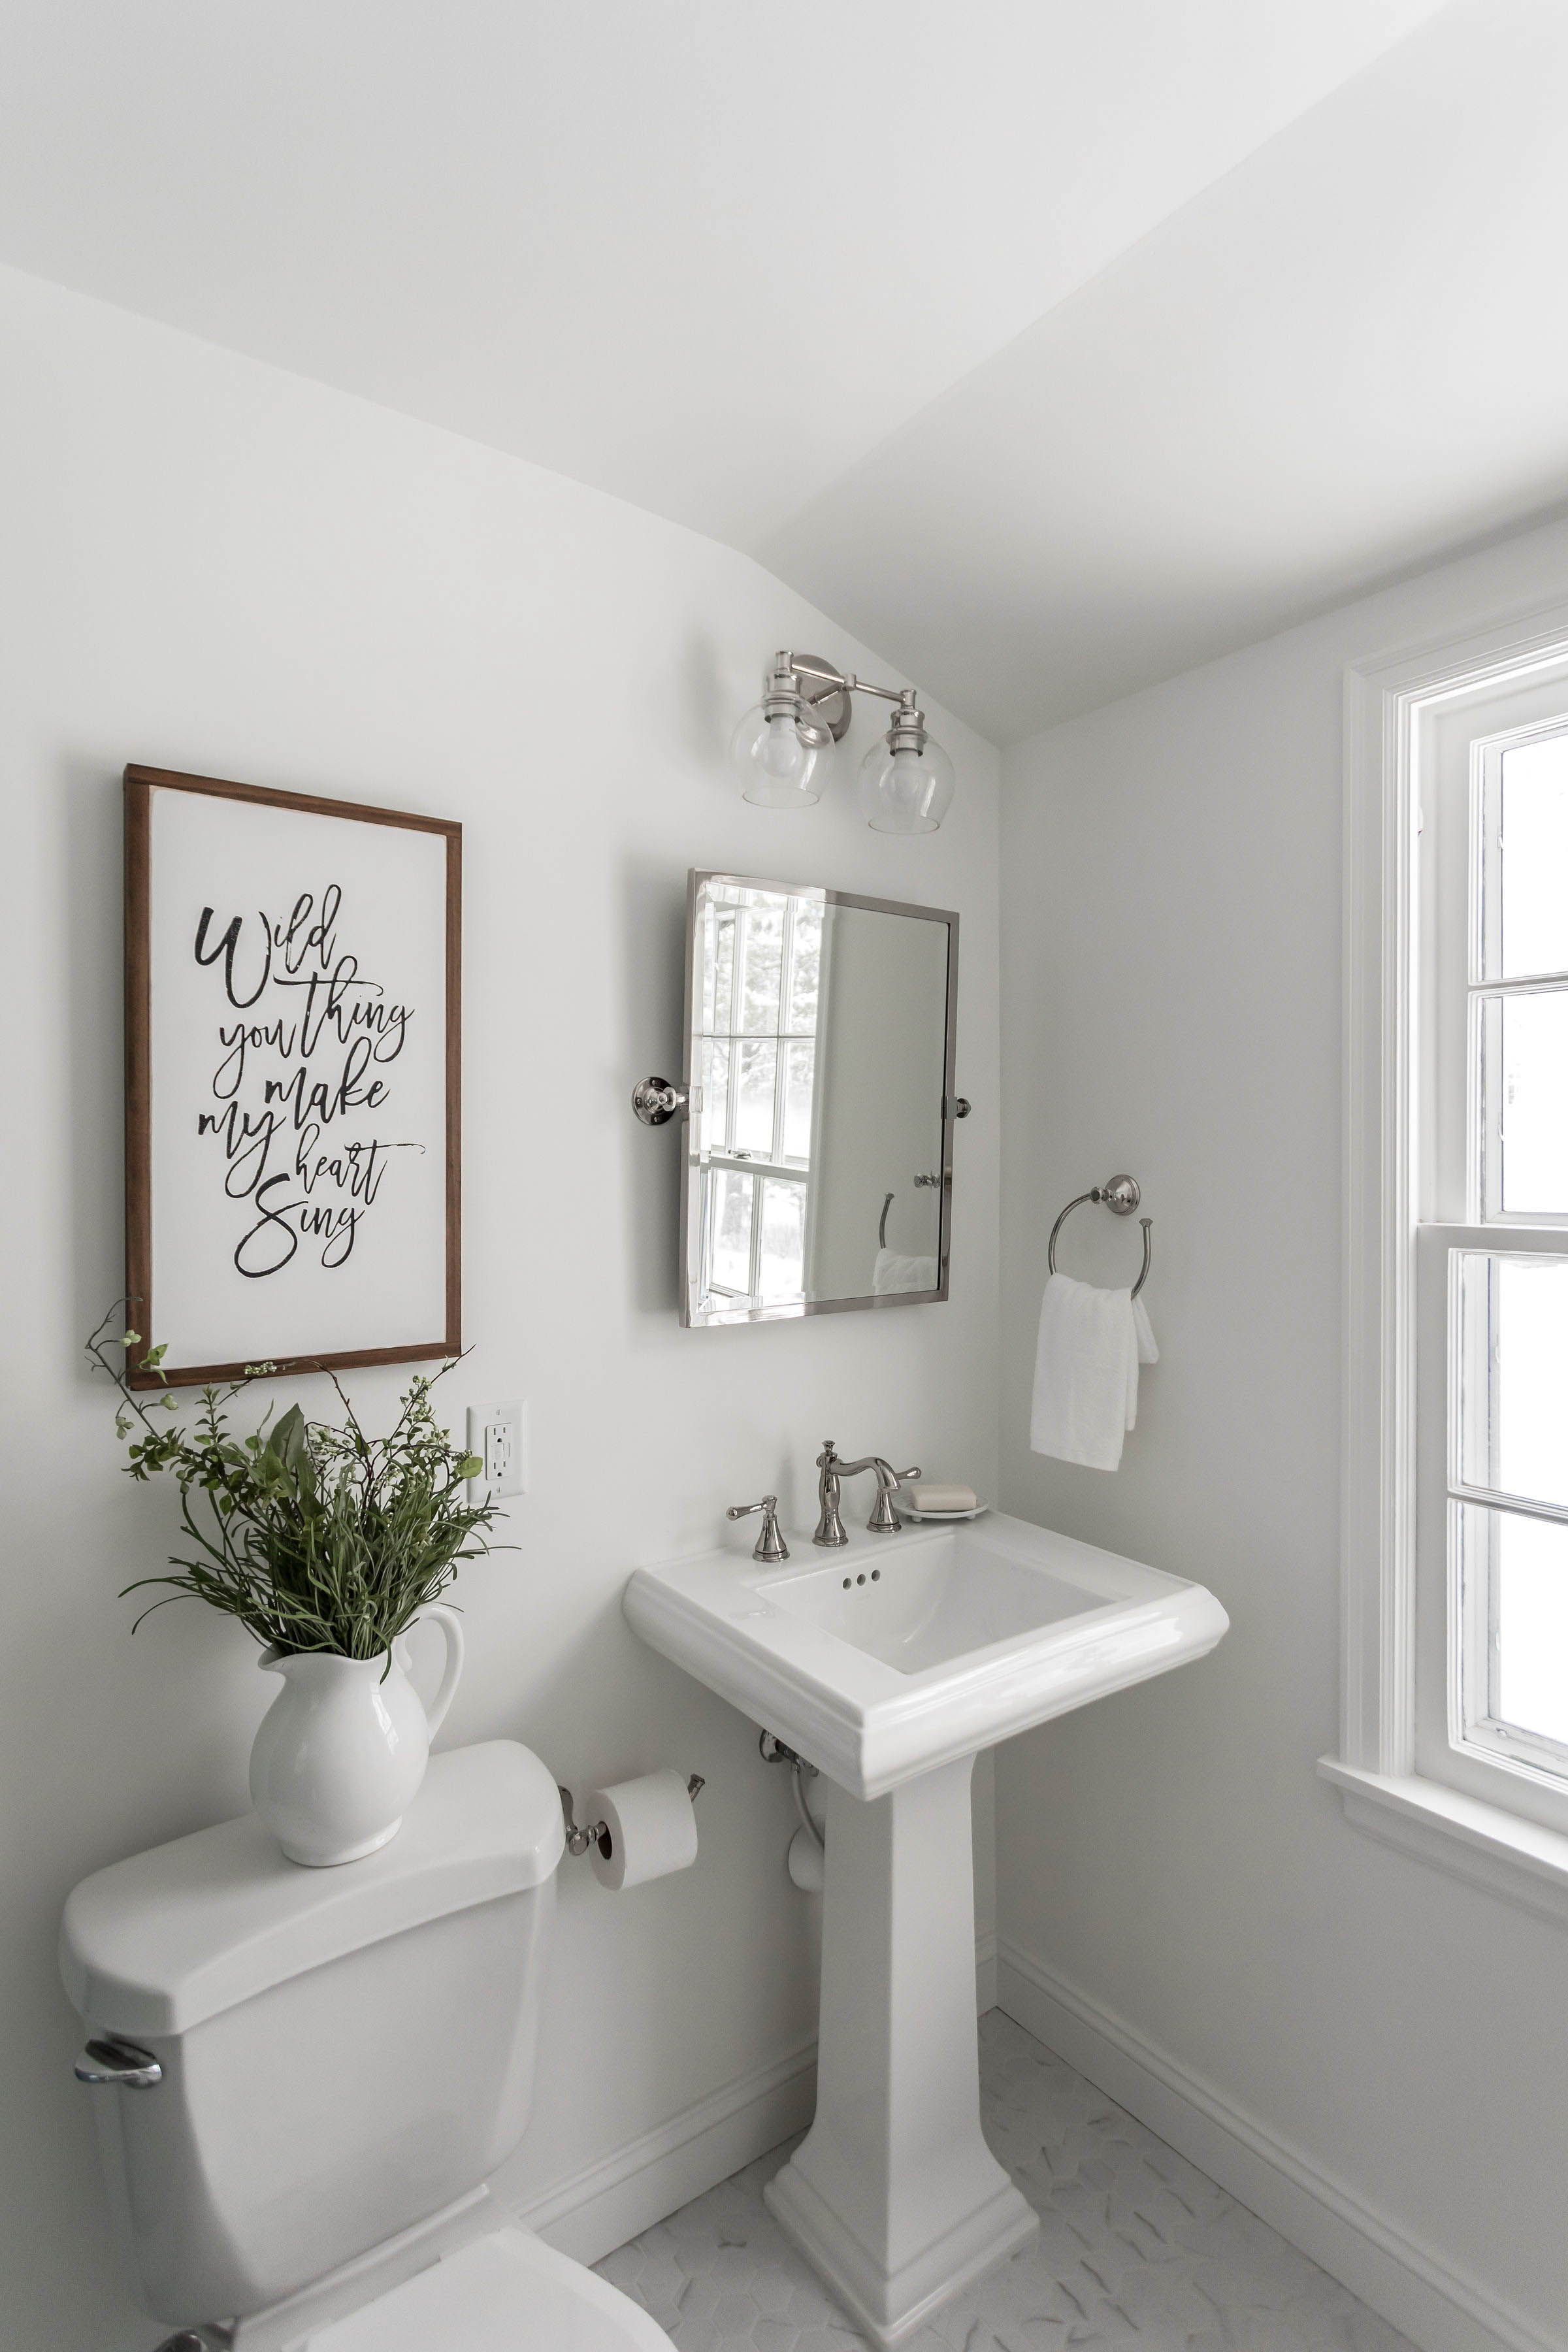 All White Walls Blue Shower Tile Bathroom Pedestal Sink Jkath Design Build Reinvent L Half Decor Remodel Powder Room